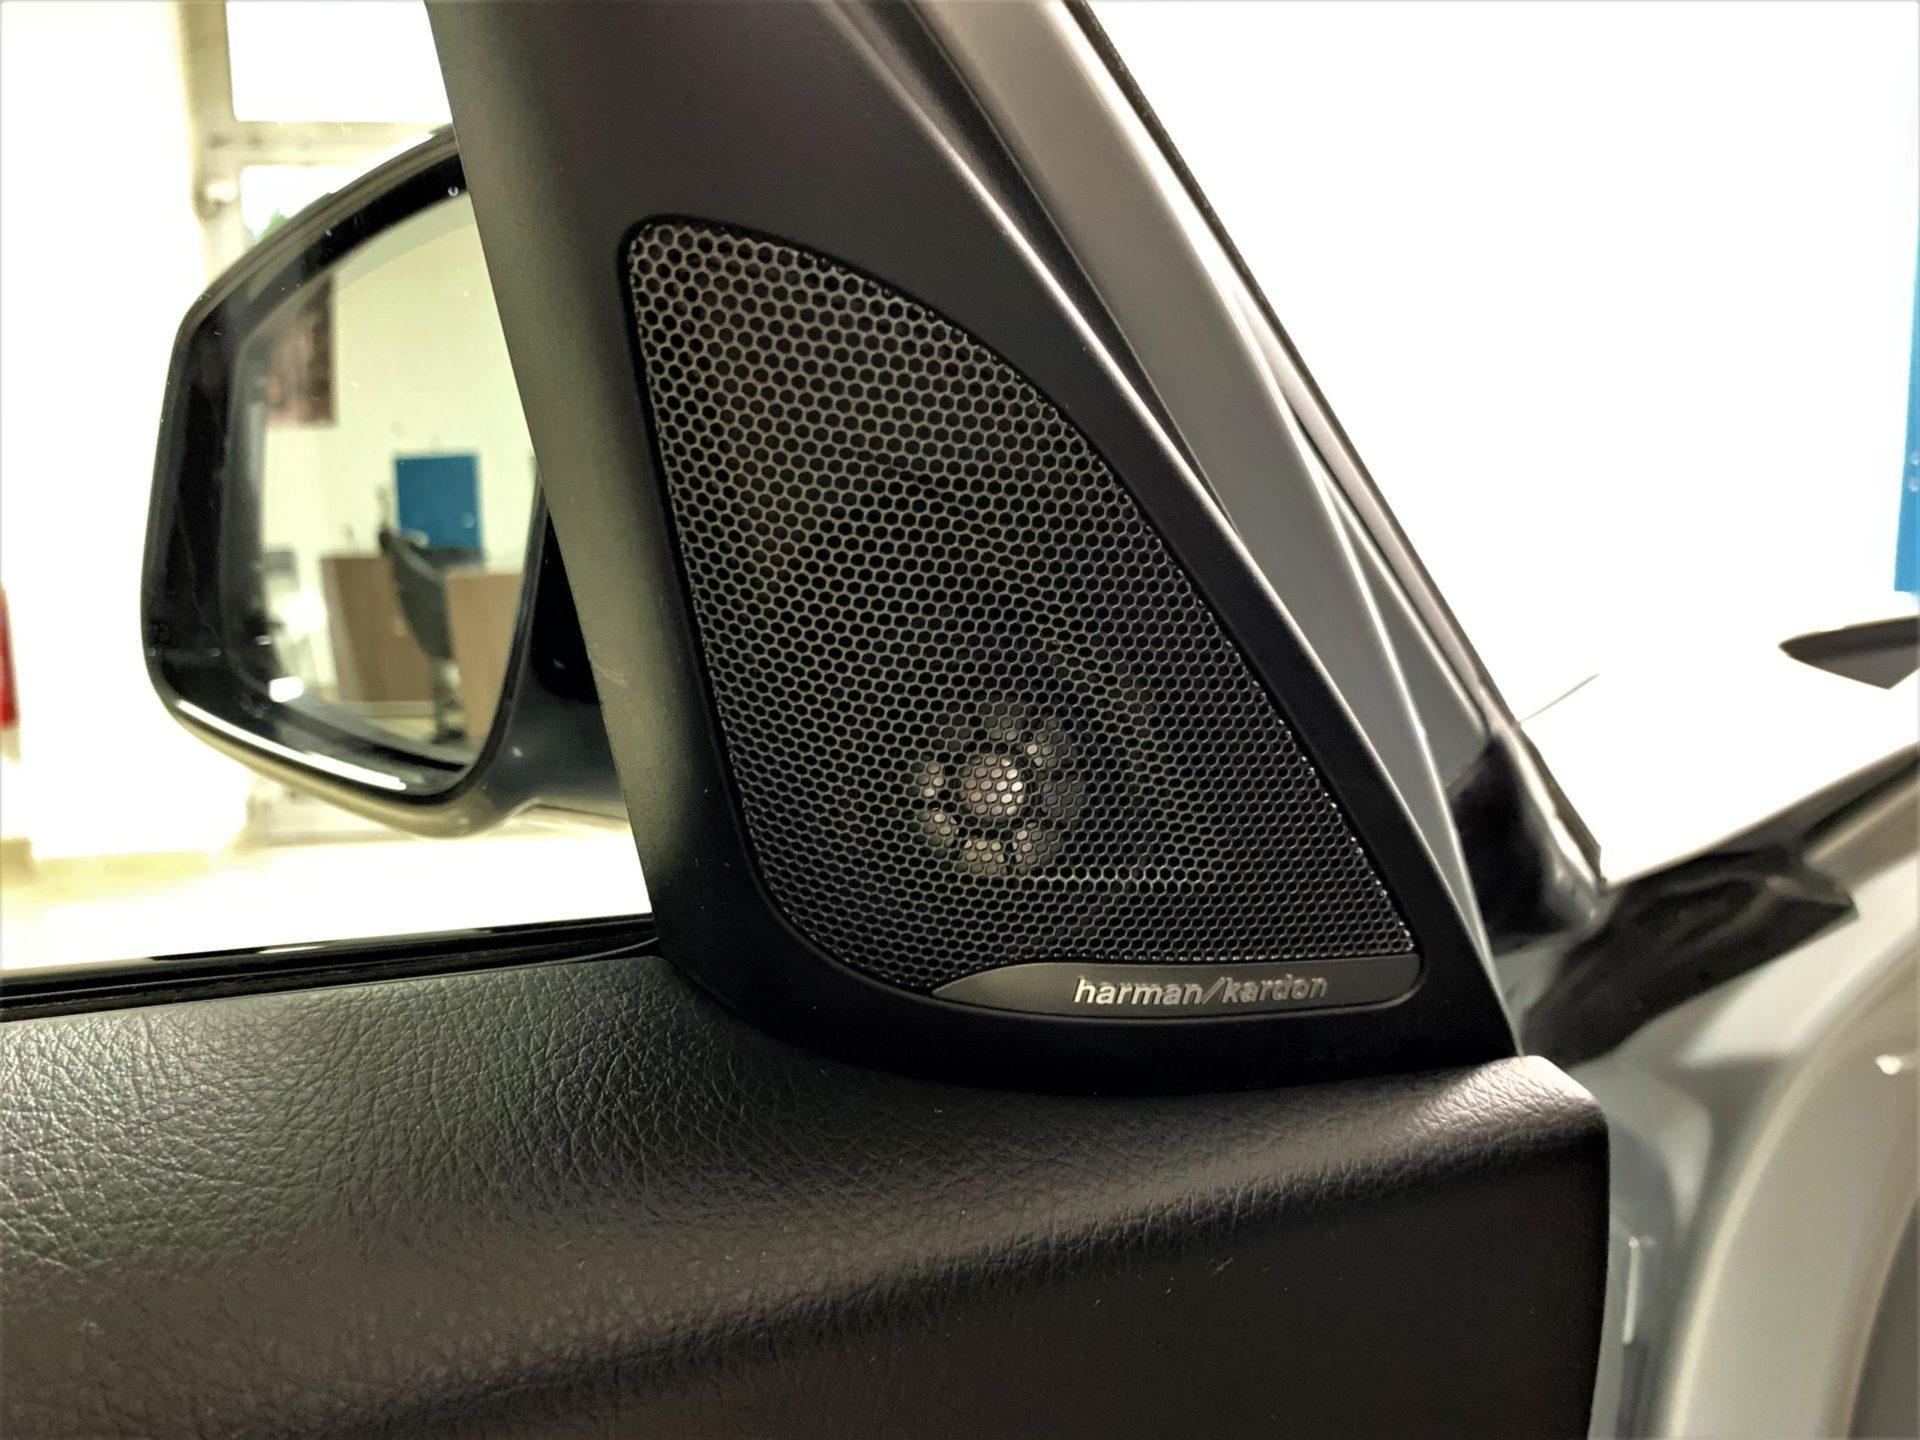 BMW Série 1 F20 LCI 118d 150 ch M Sport A berline, gris clair, 7 cv, 5 portes, couleur intérieure : noir, première mise en circulation le 21/12/2017 - GMC AUTO 67